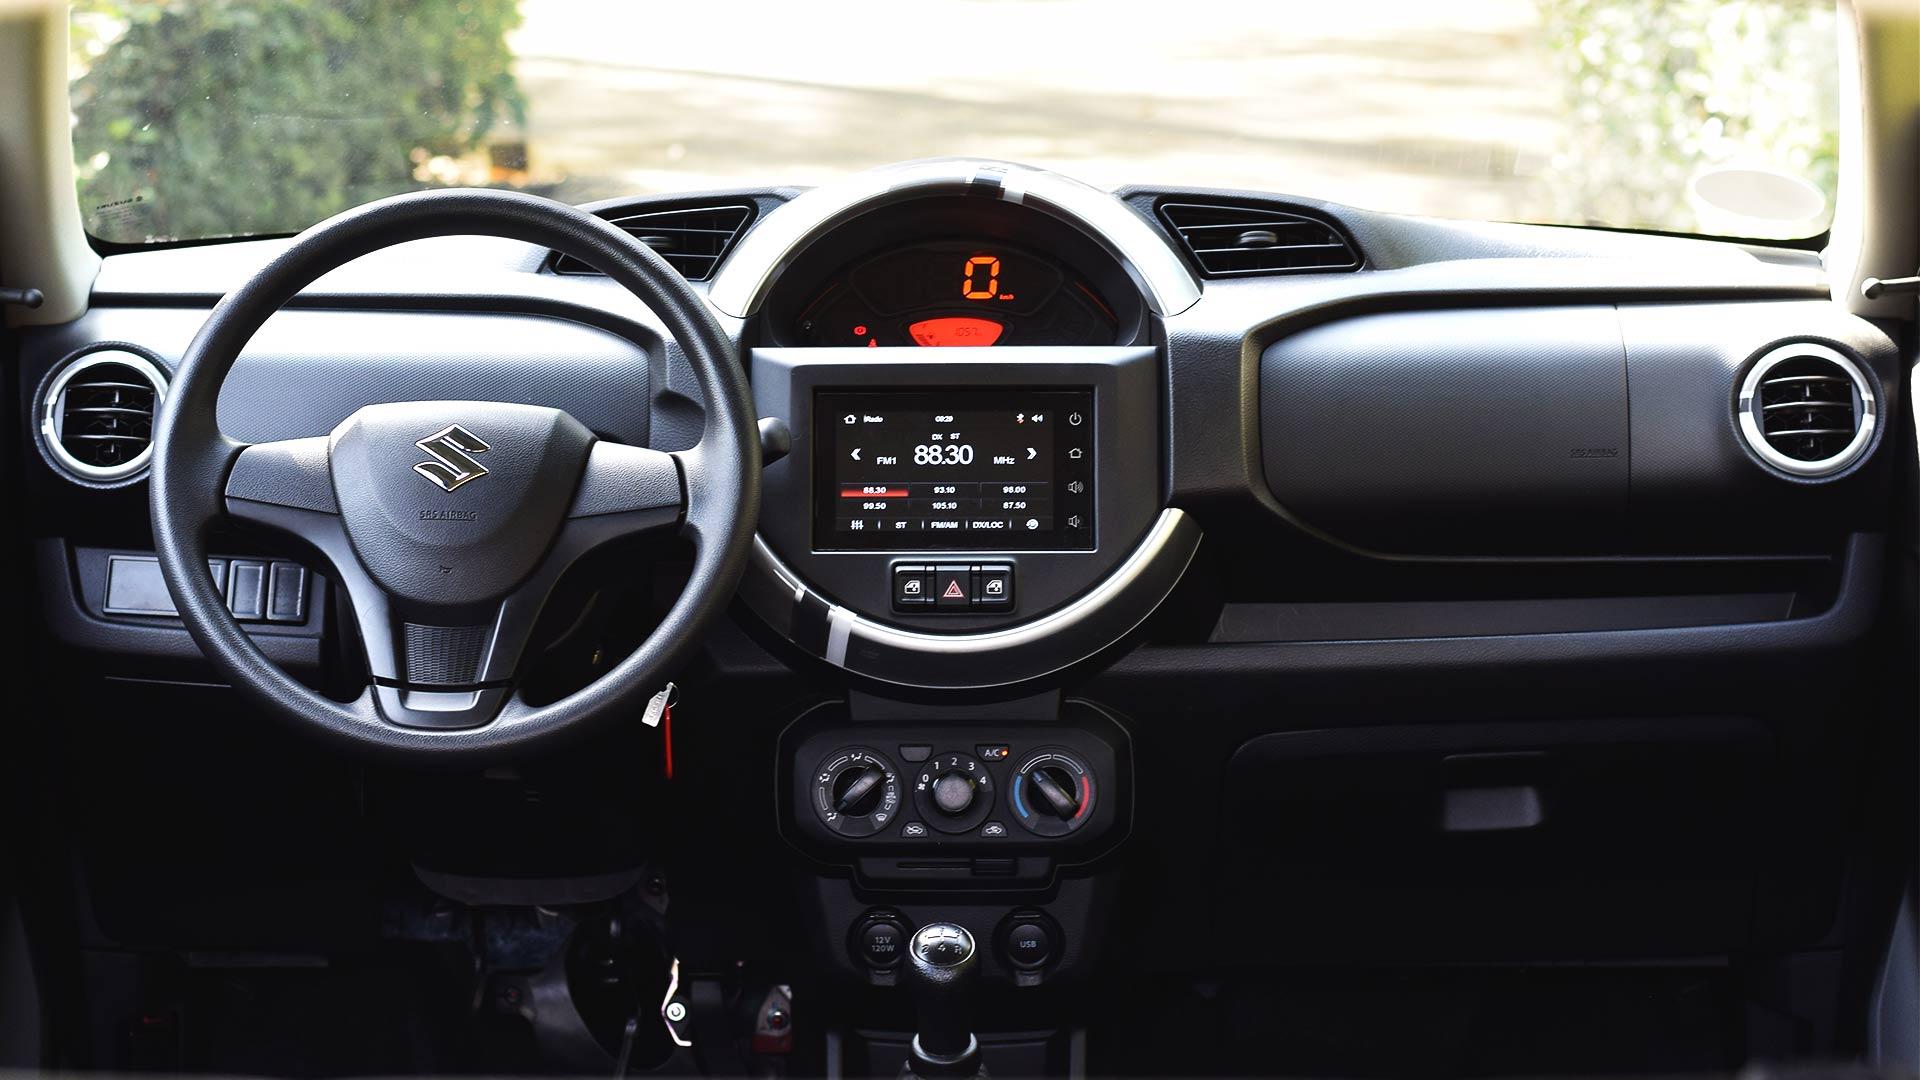 The Suzuki S-Presso dashboard